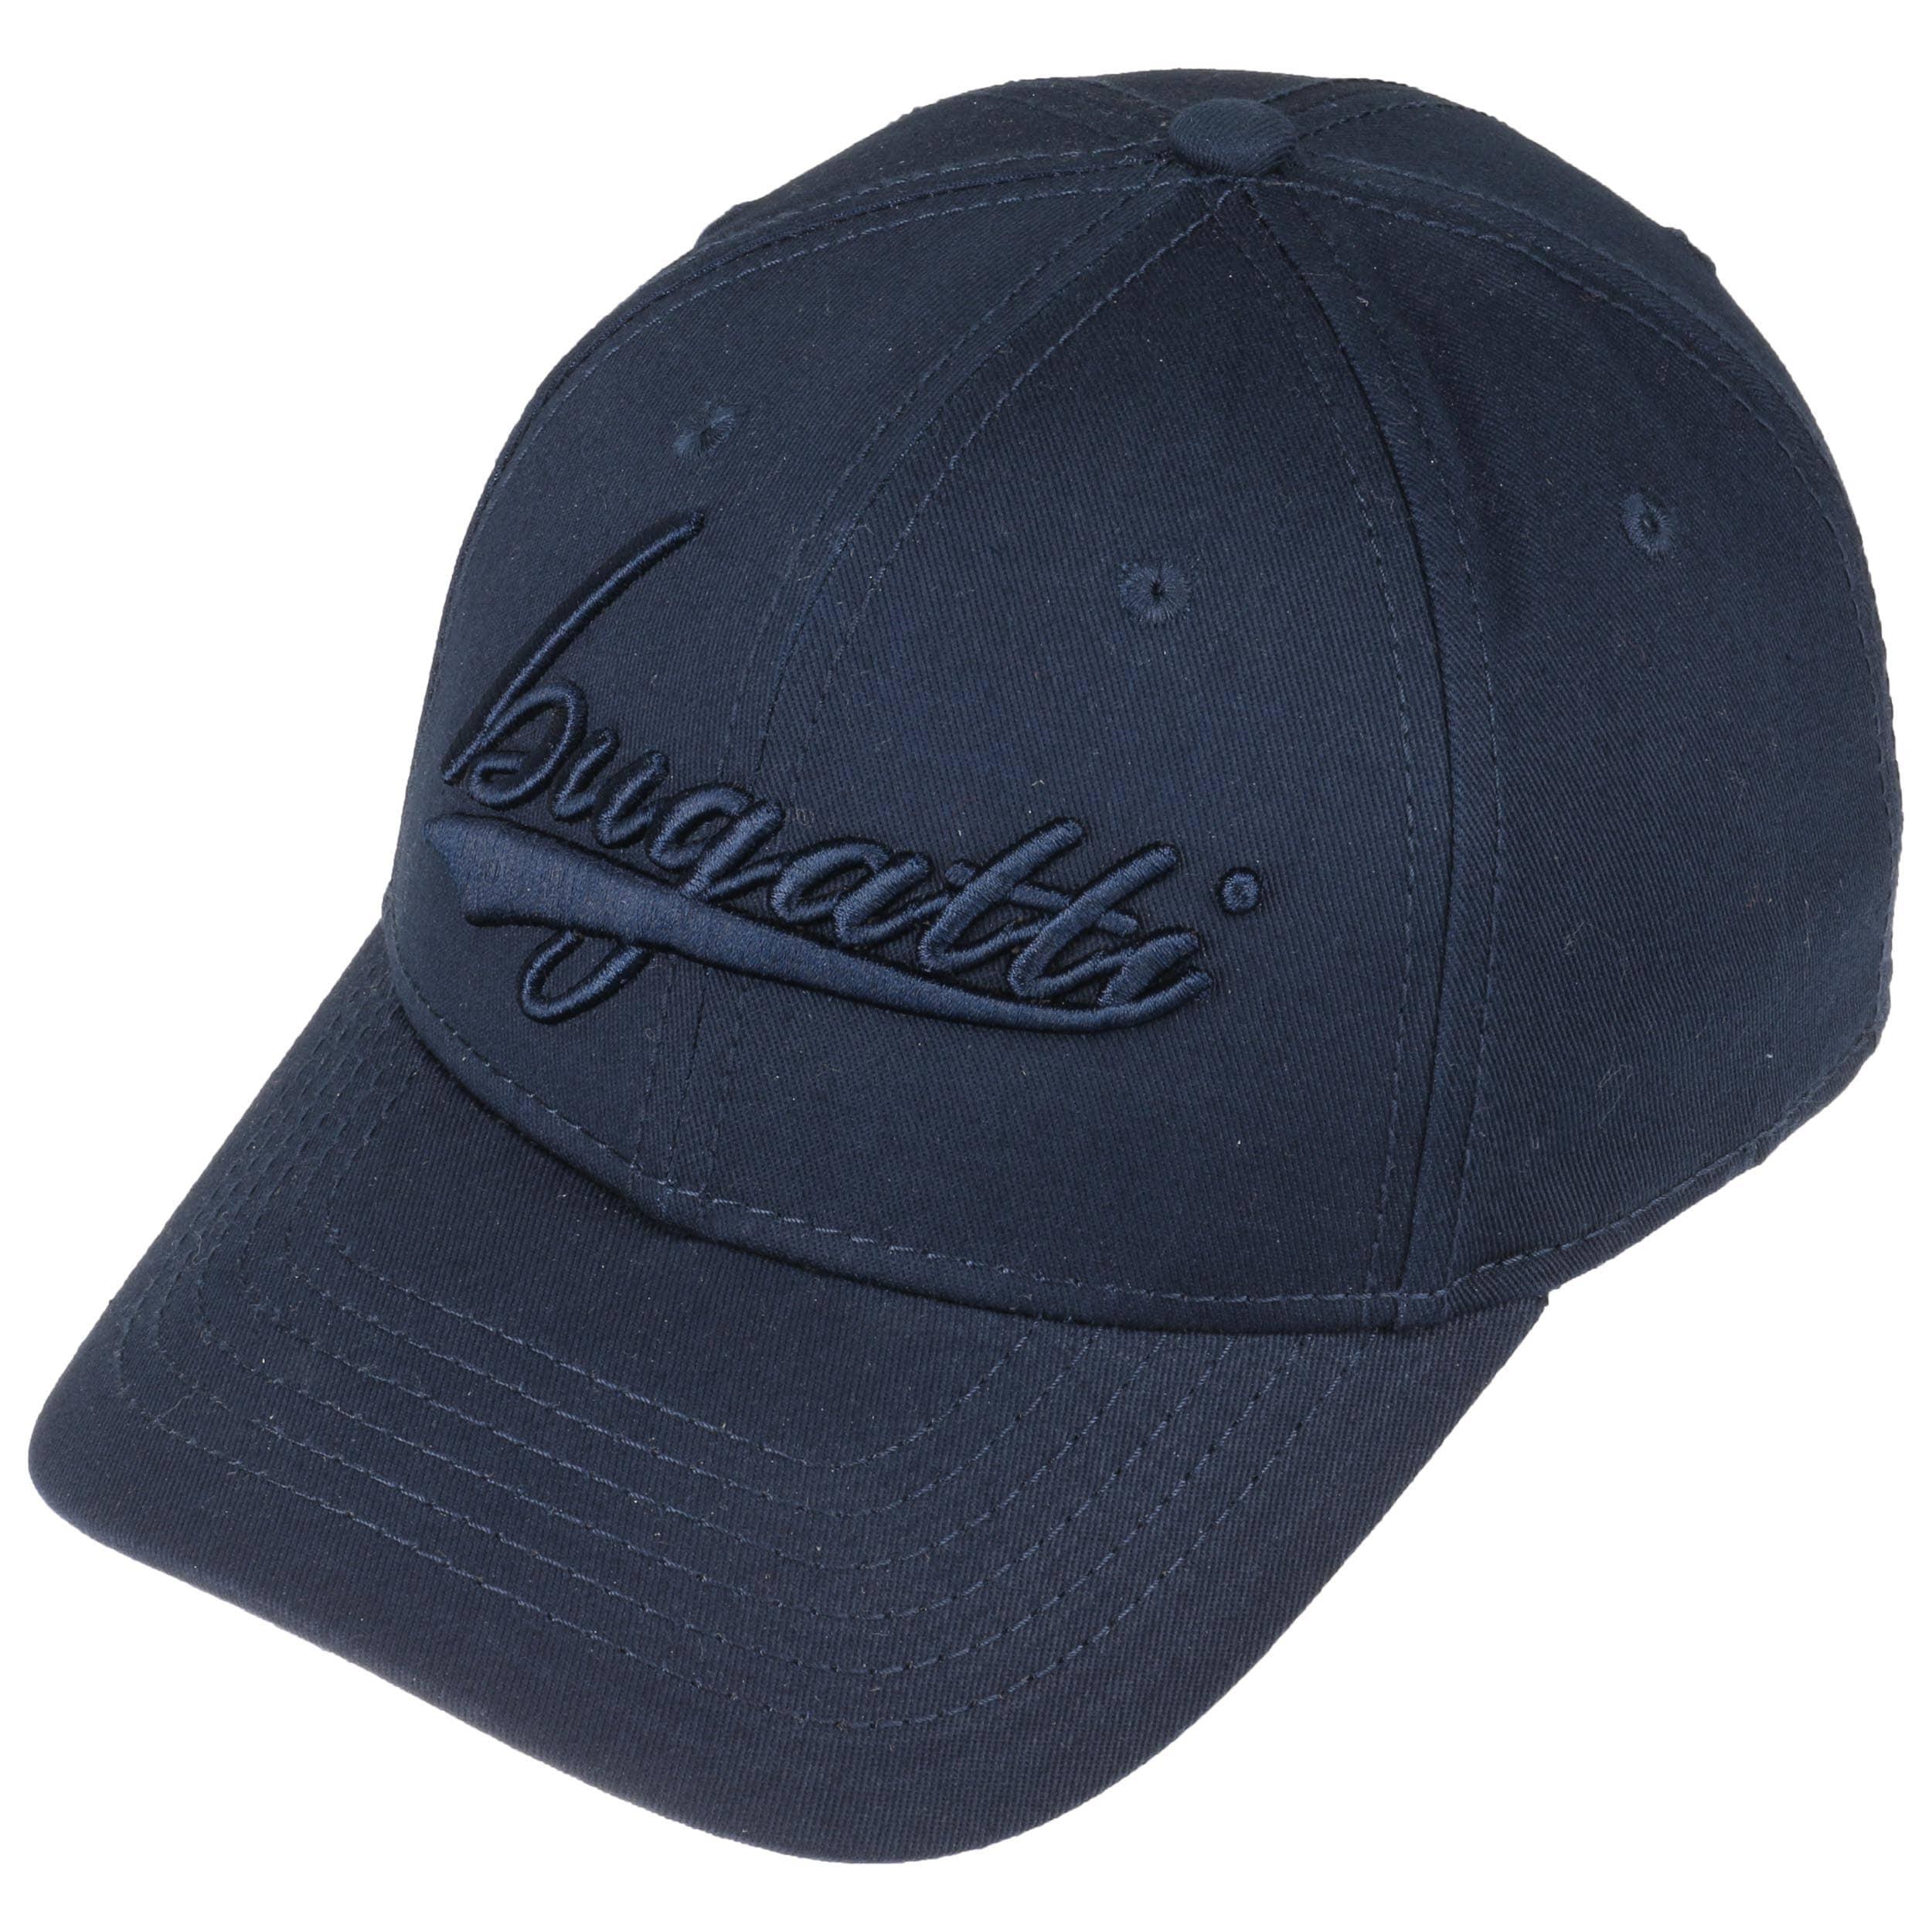 ... UV Guard Baseball Cap by bugatti - blue 1 ... f04d9b16913b